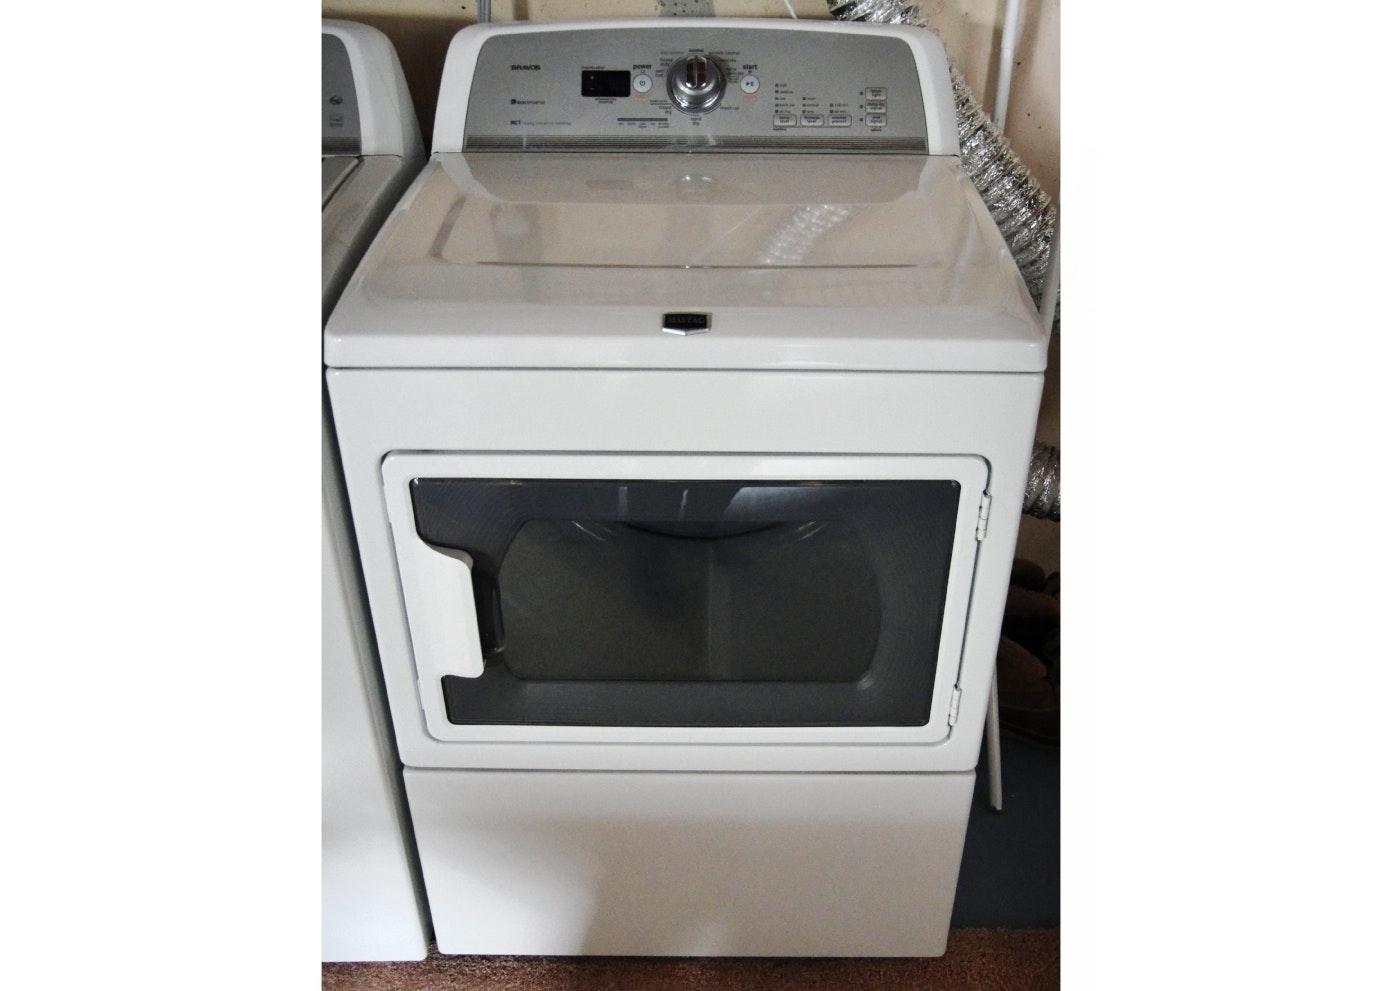 Bravos Ecoconserve Mct Maytag Dryer Ebth